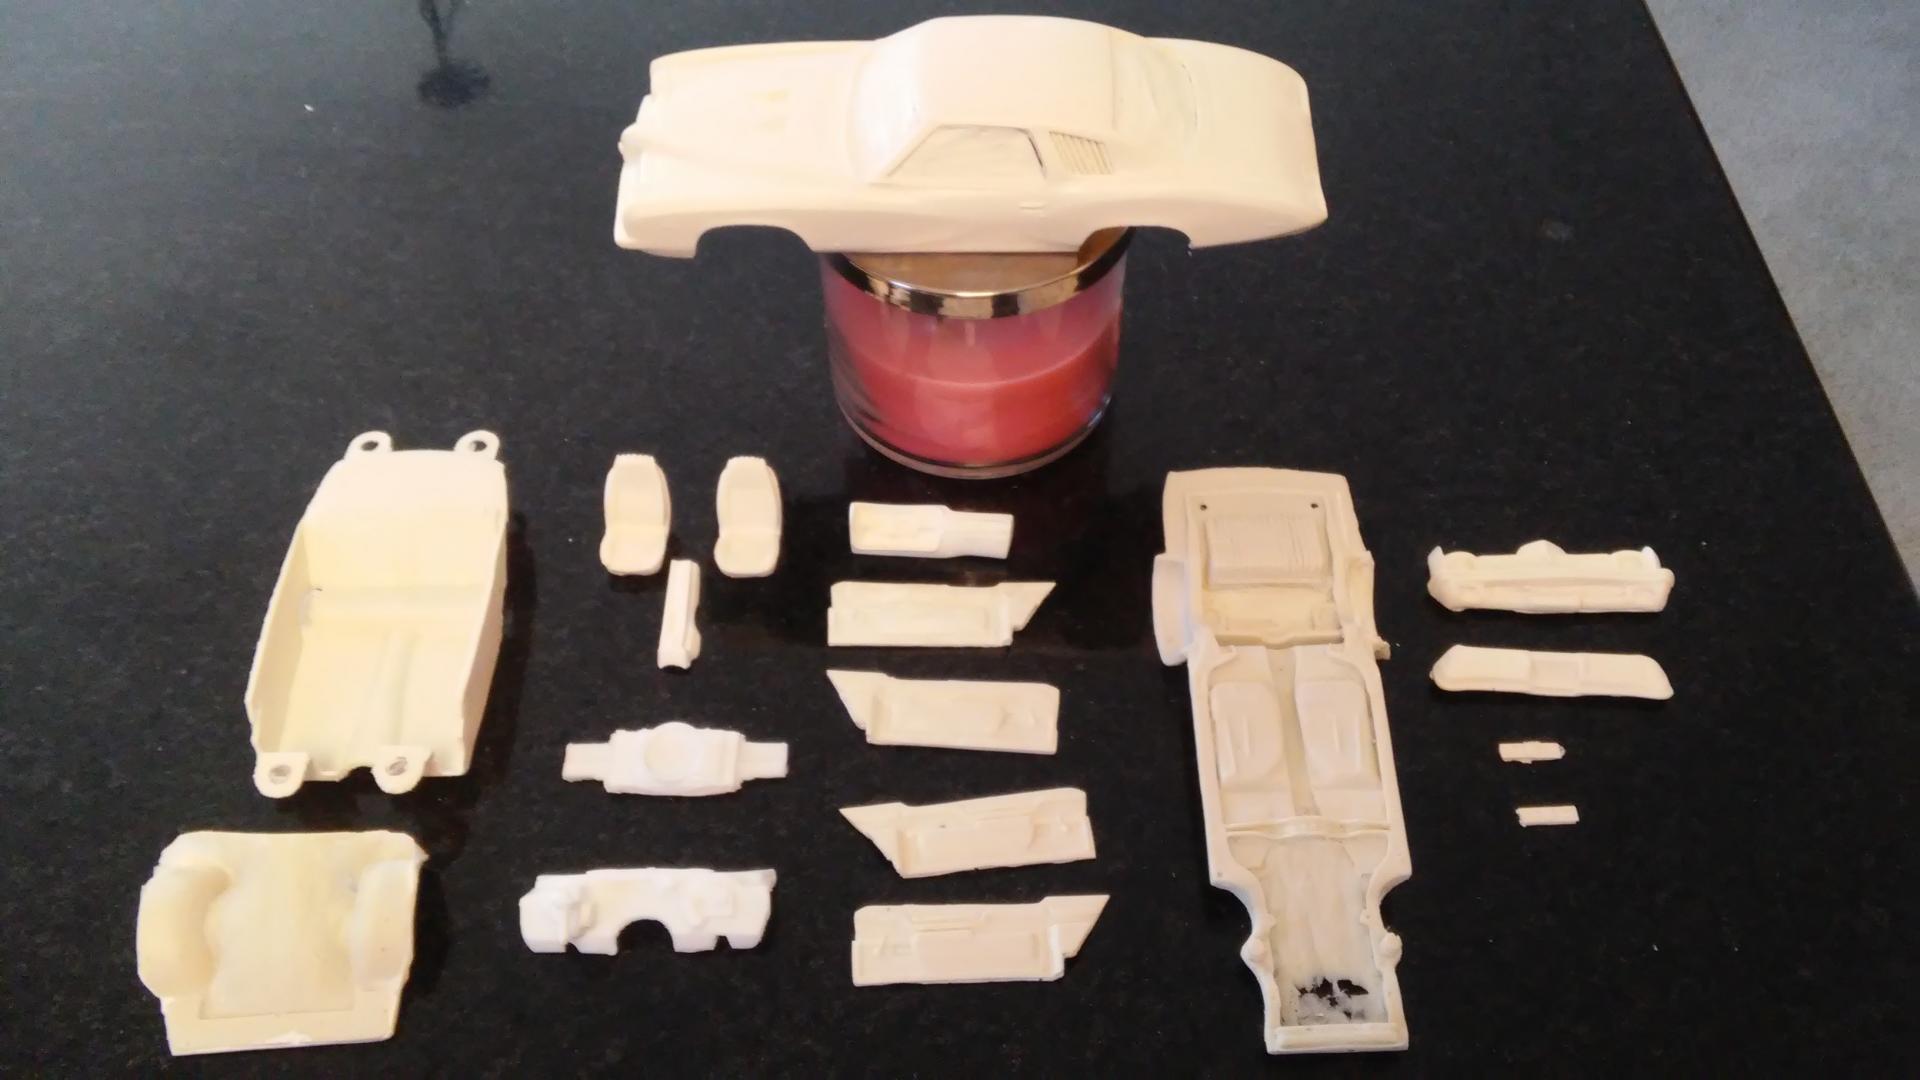 73 gto parts.jpg